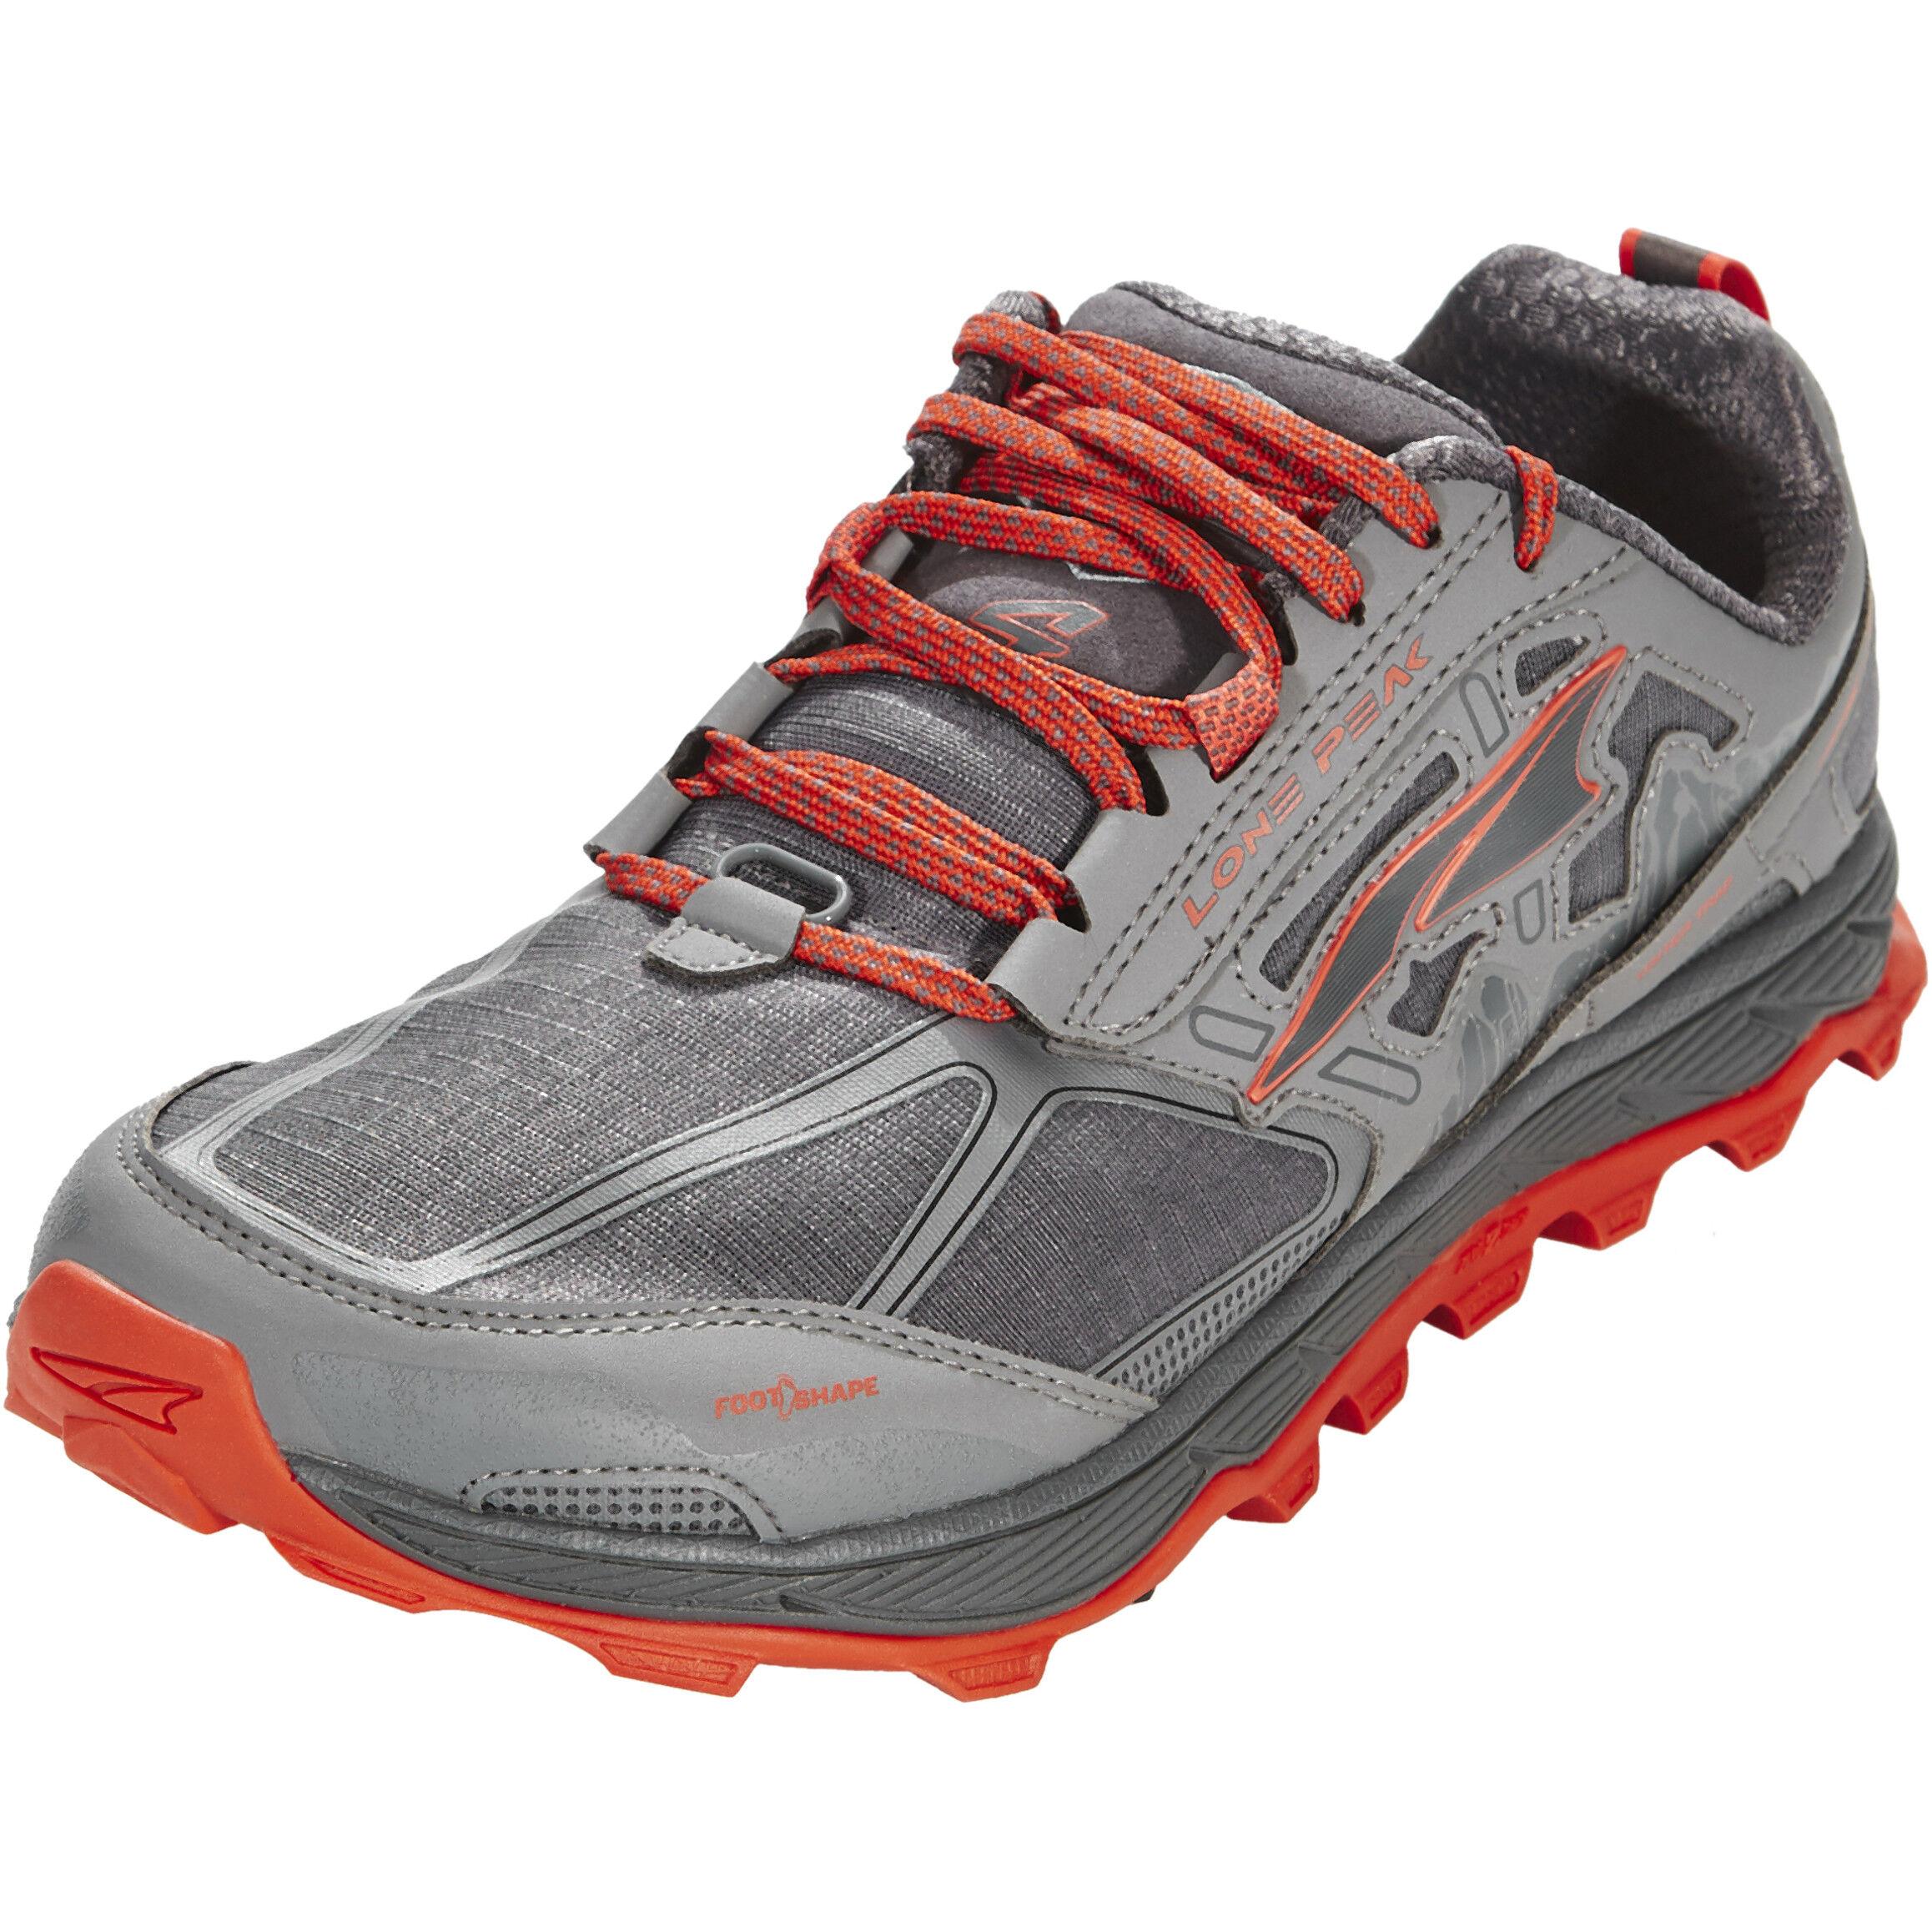 Suchergebnis auf für: KEEP ON RUNNING adidas